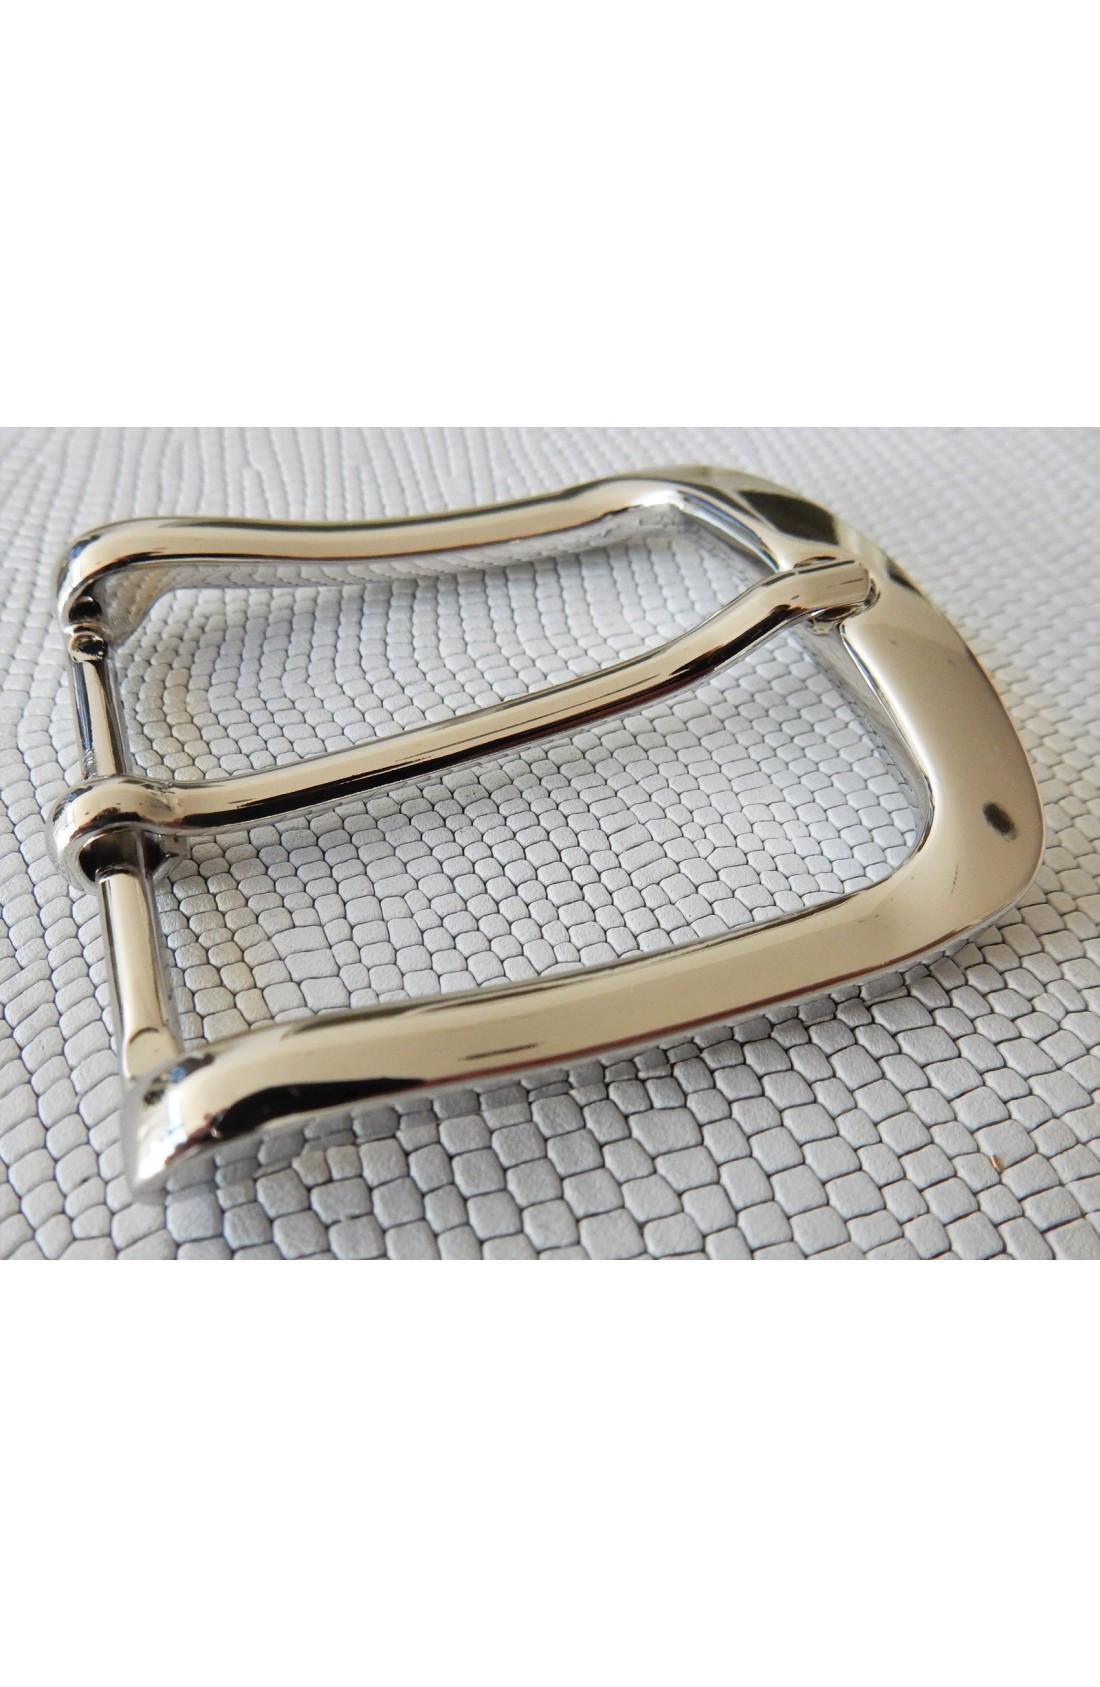 Fibbia Standard R 10 mm.40 nikel free (2)